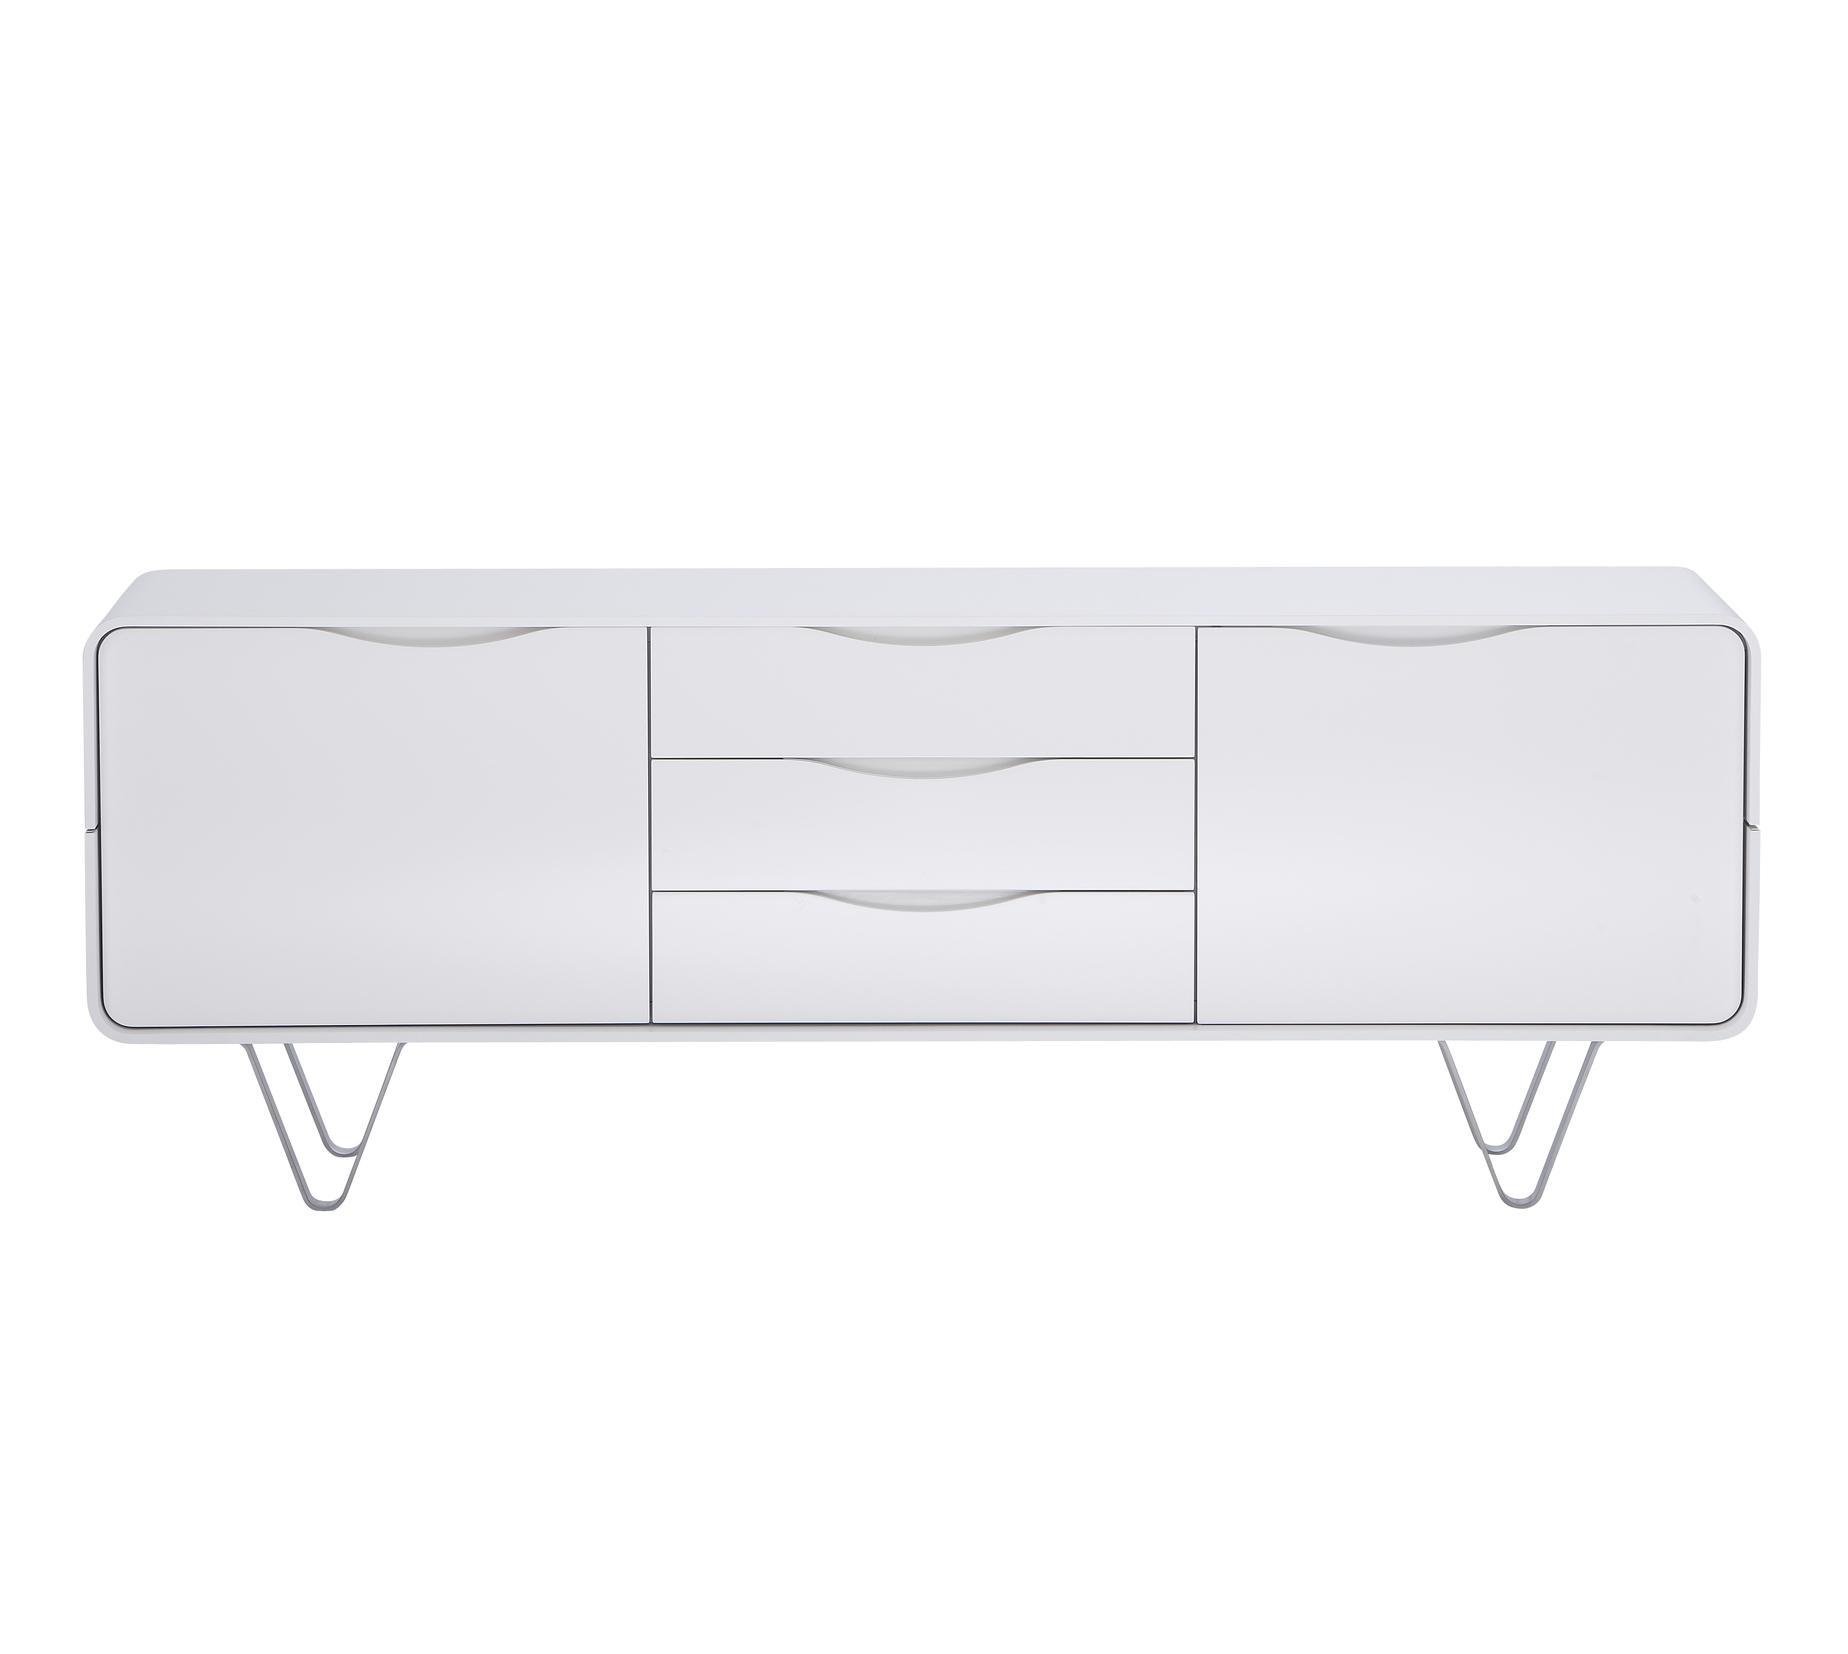 cemia sideboards designer peter maly ligne roset. Black Bedroom Furniture Sets. Home Design Ideas